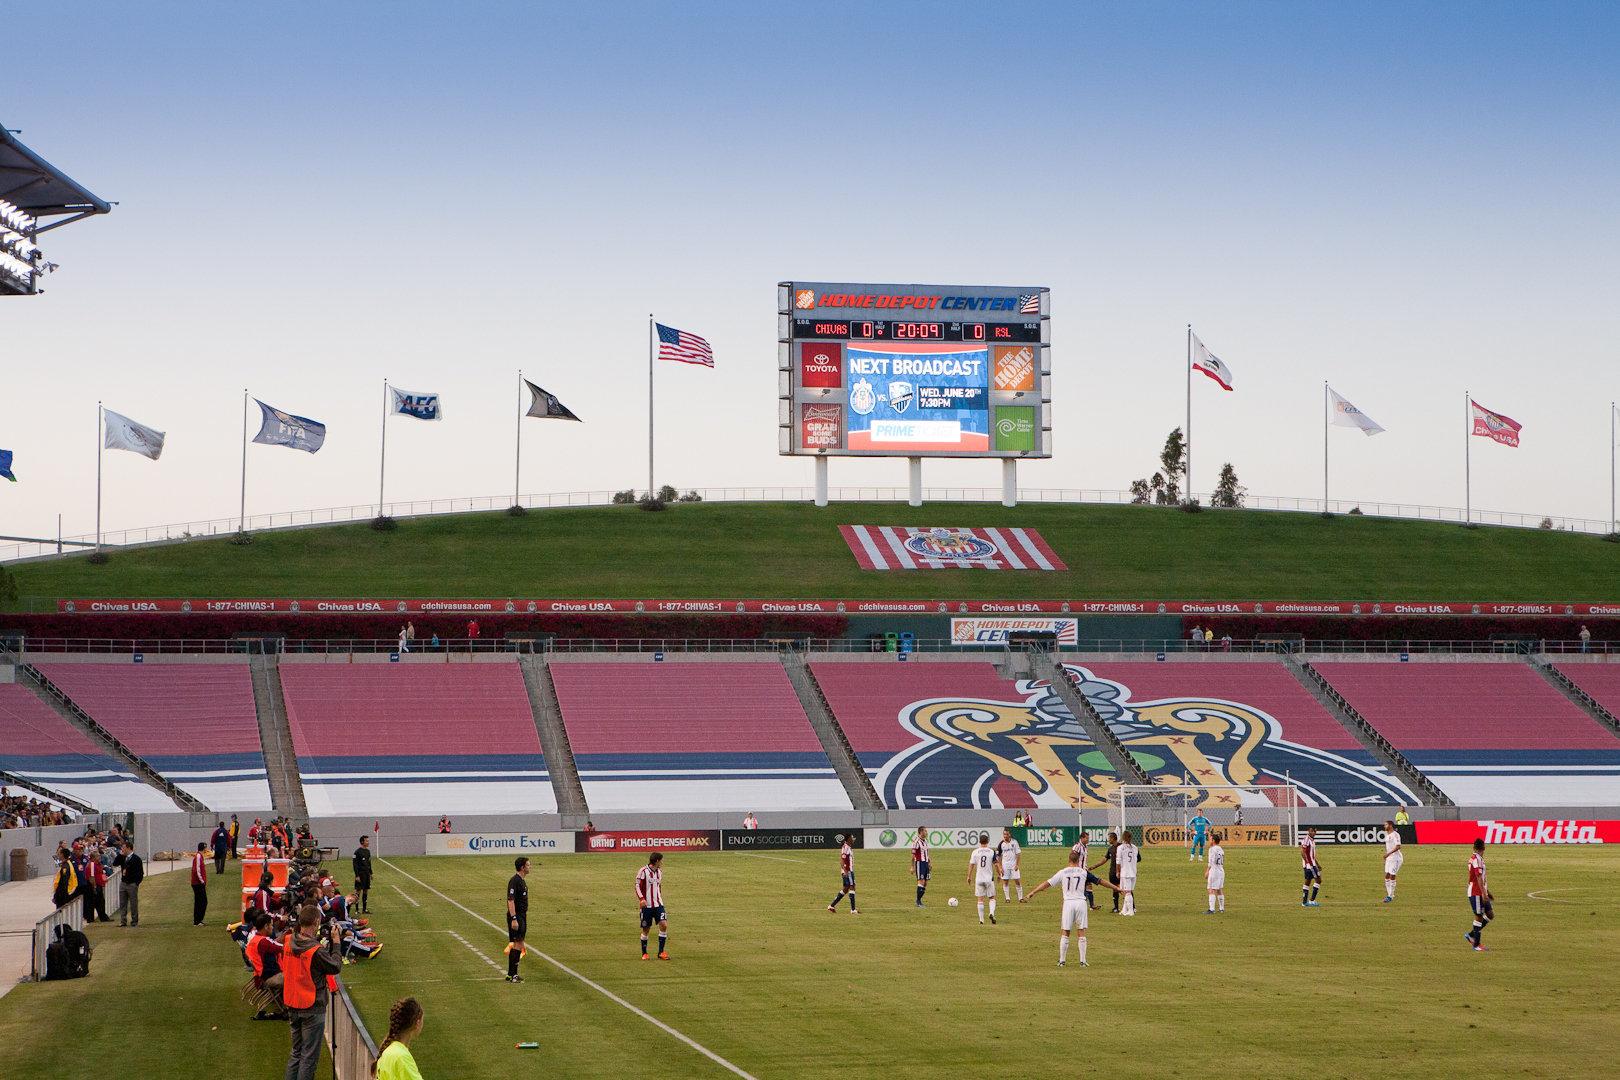 Brazil Stars vs FC Encino All Stars<br>6/16/2012 U8B Halftime Game<br>at Chivas vs Real Salt Lake